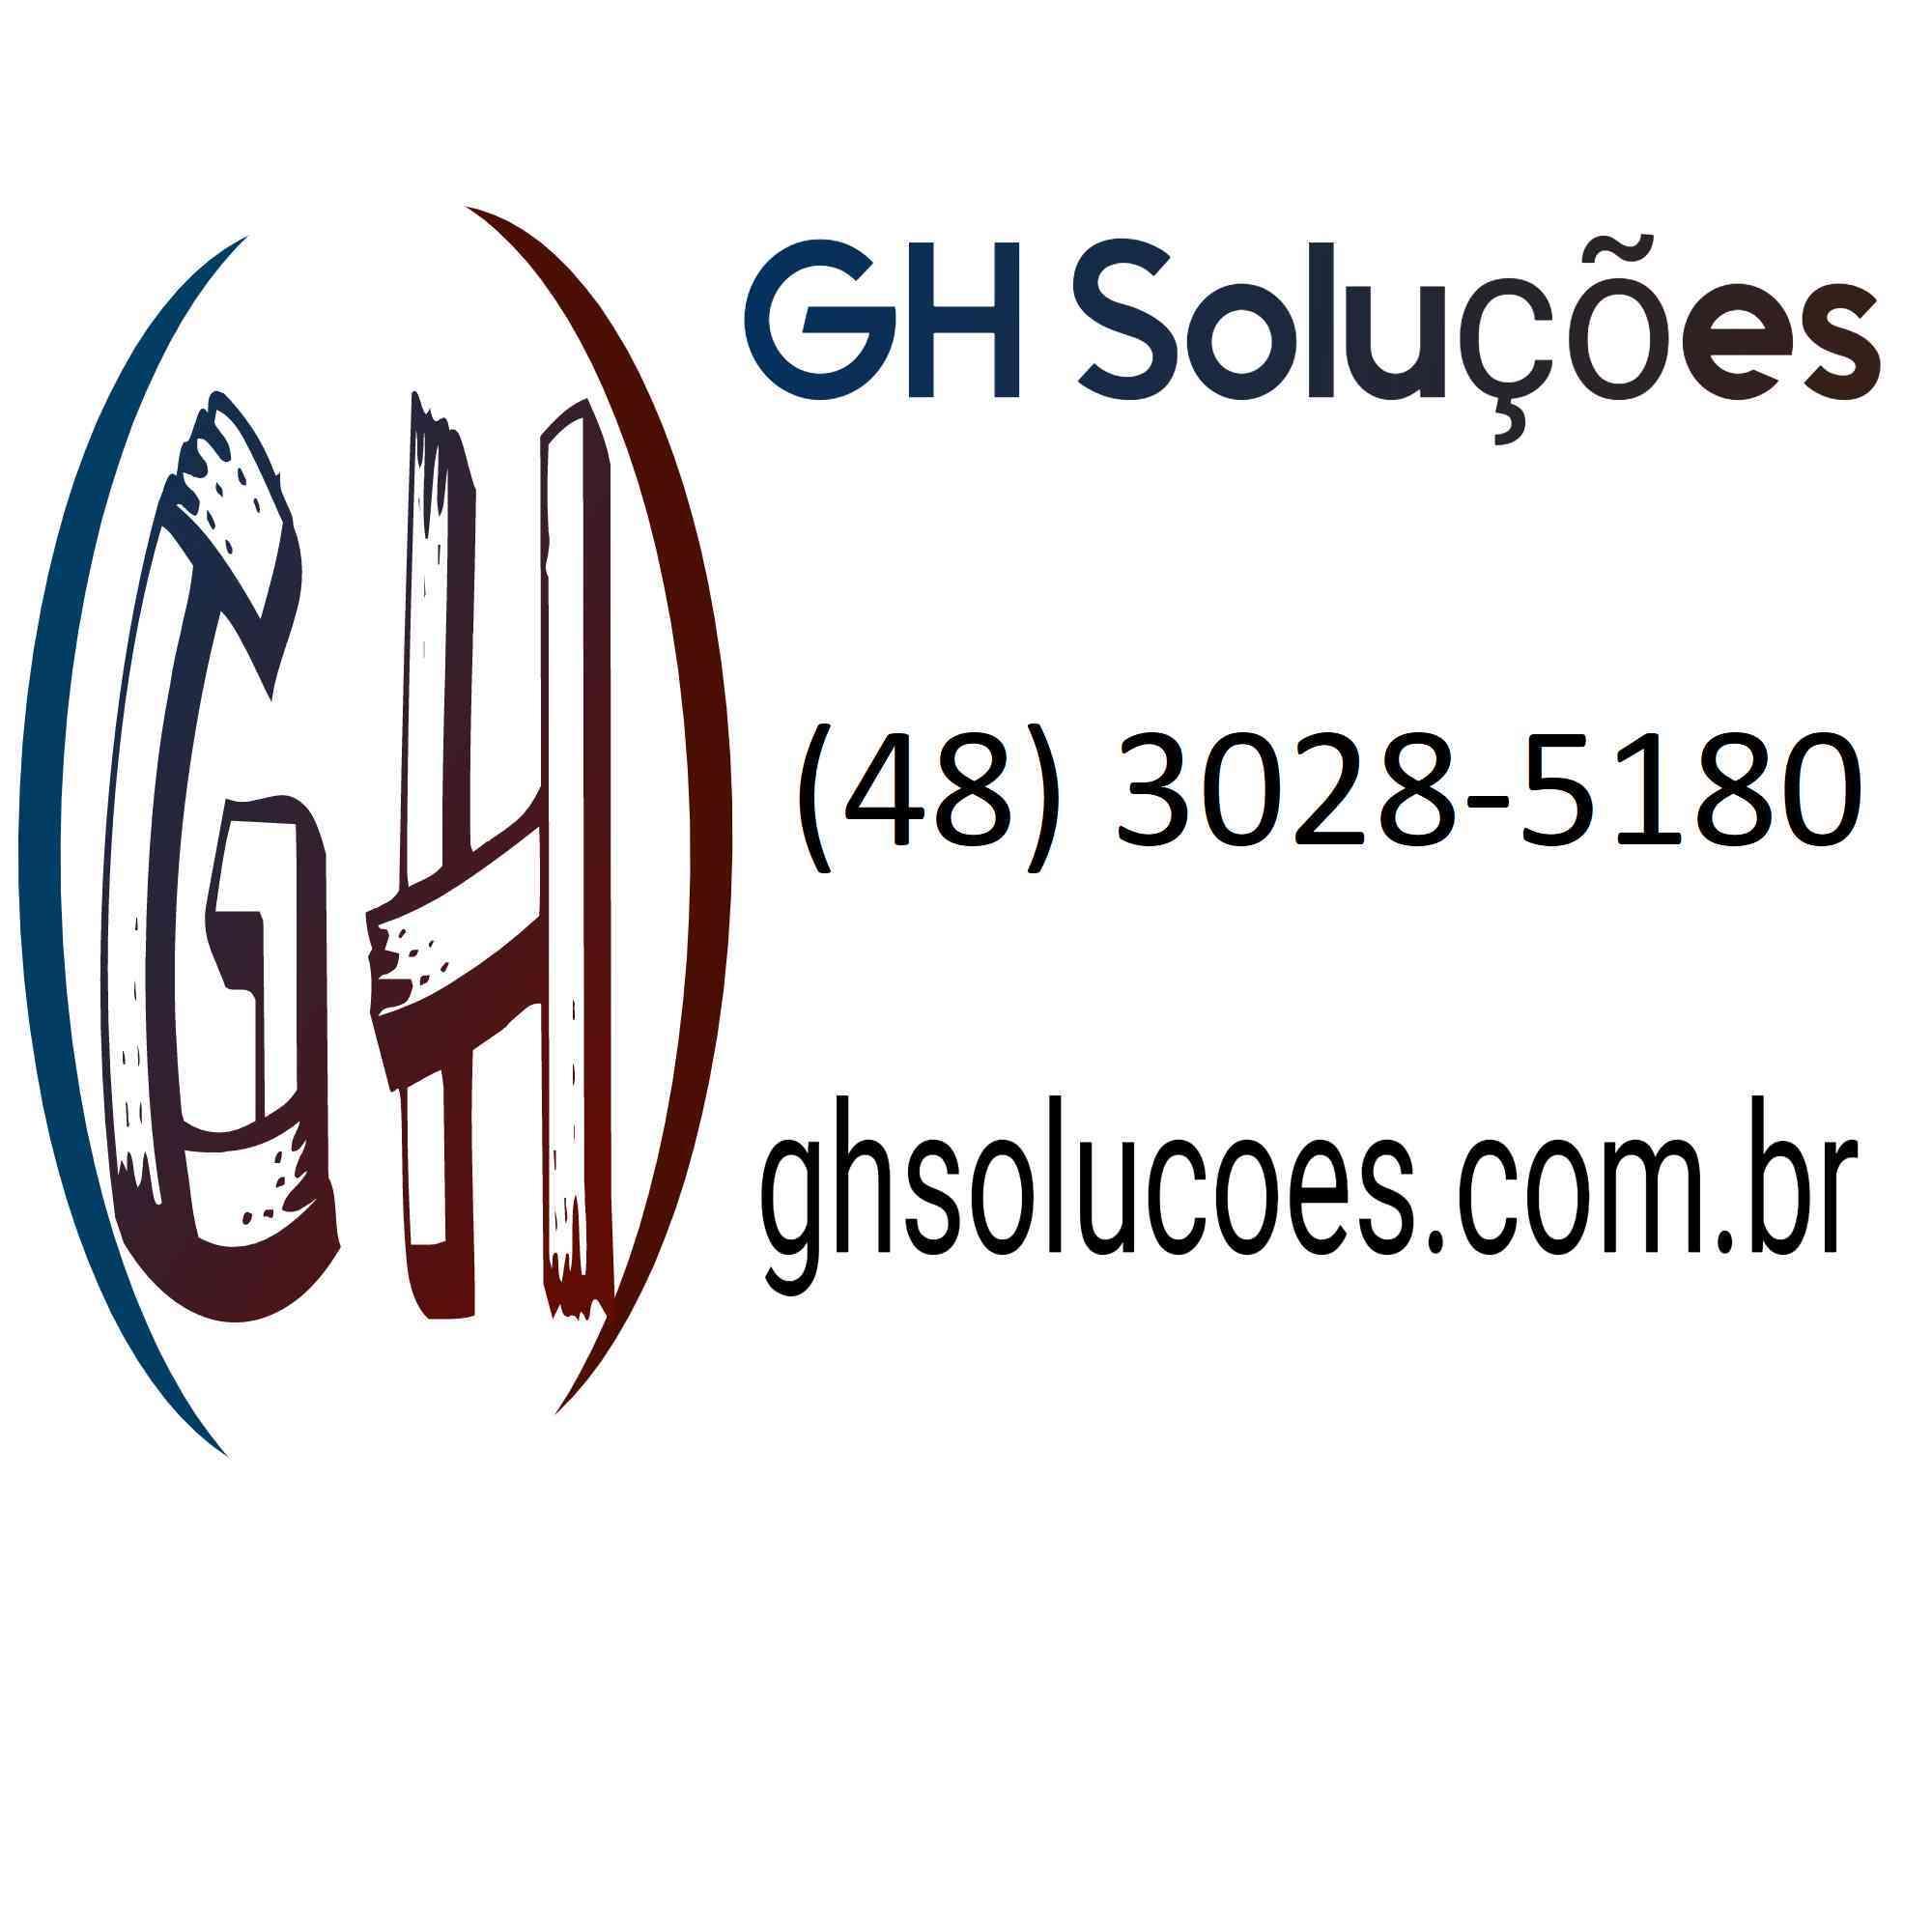 GH Solucoes-34.633.231/0001-54